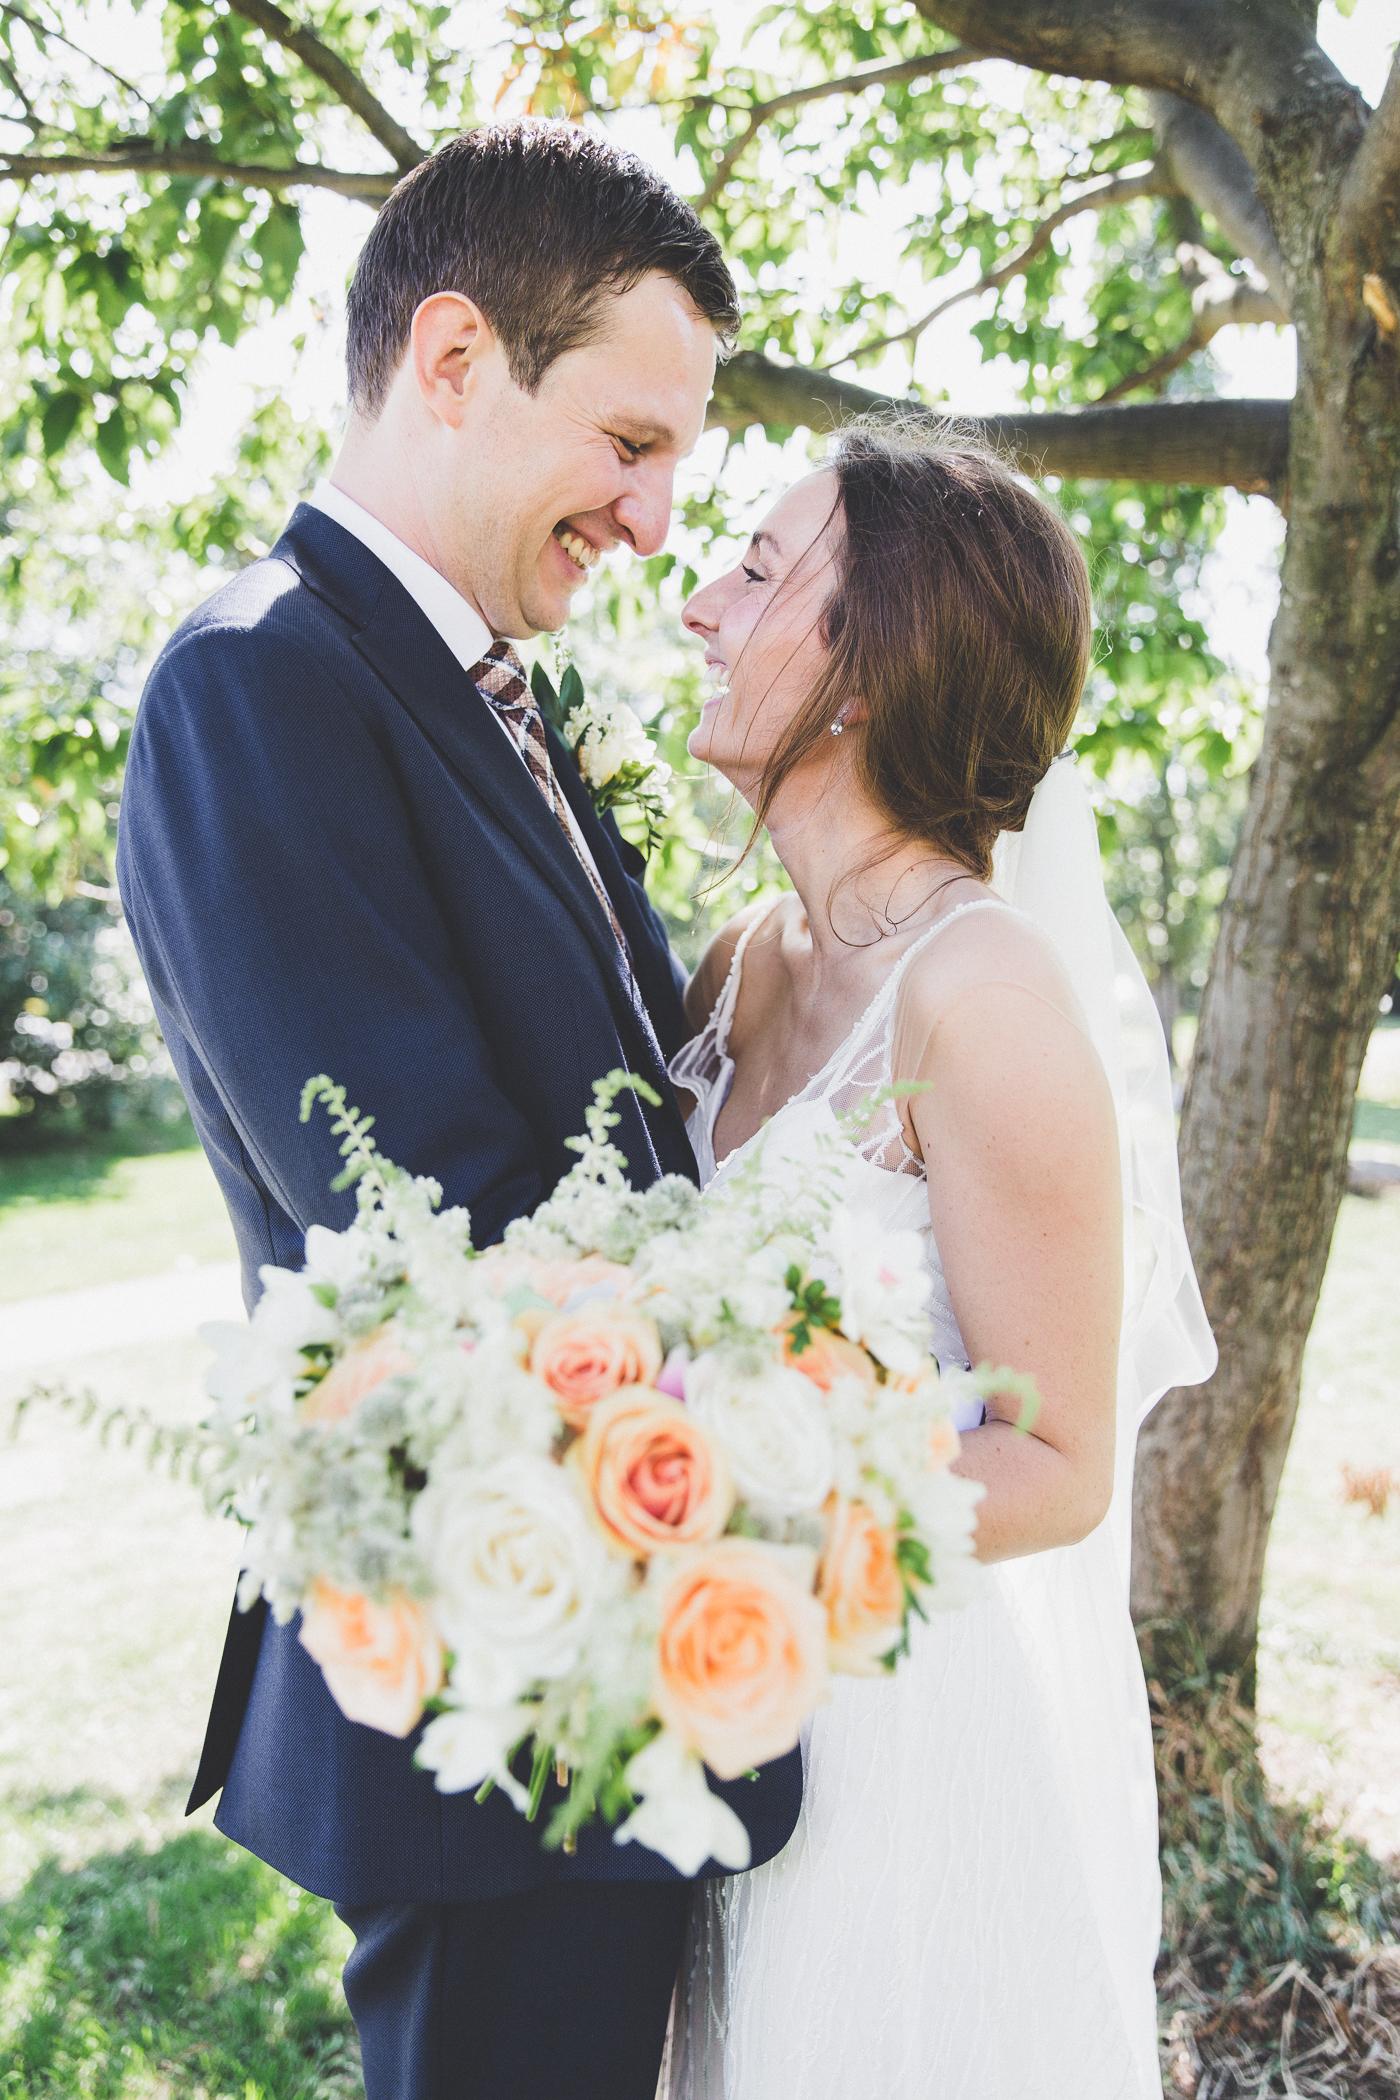 london-wedding-photographer-41.jpg